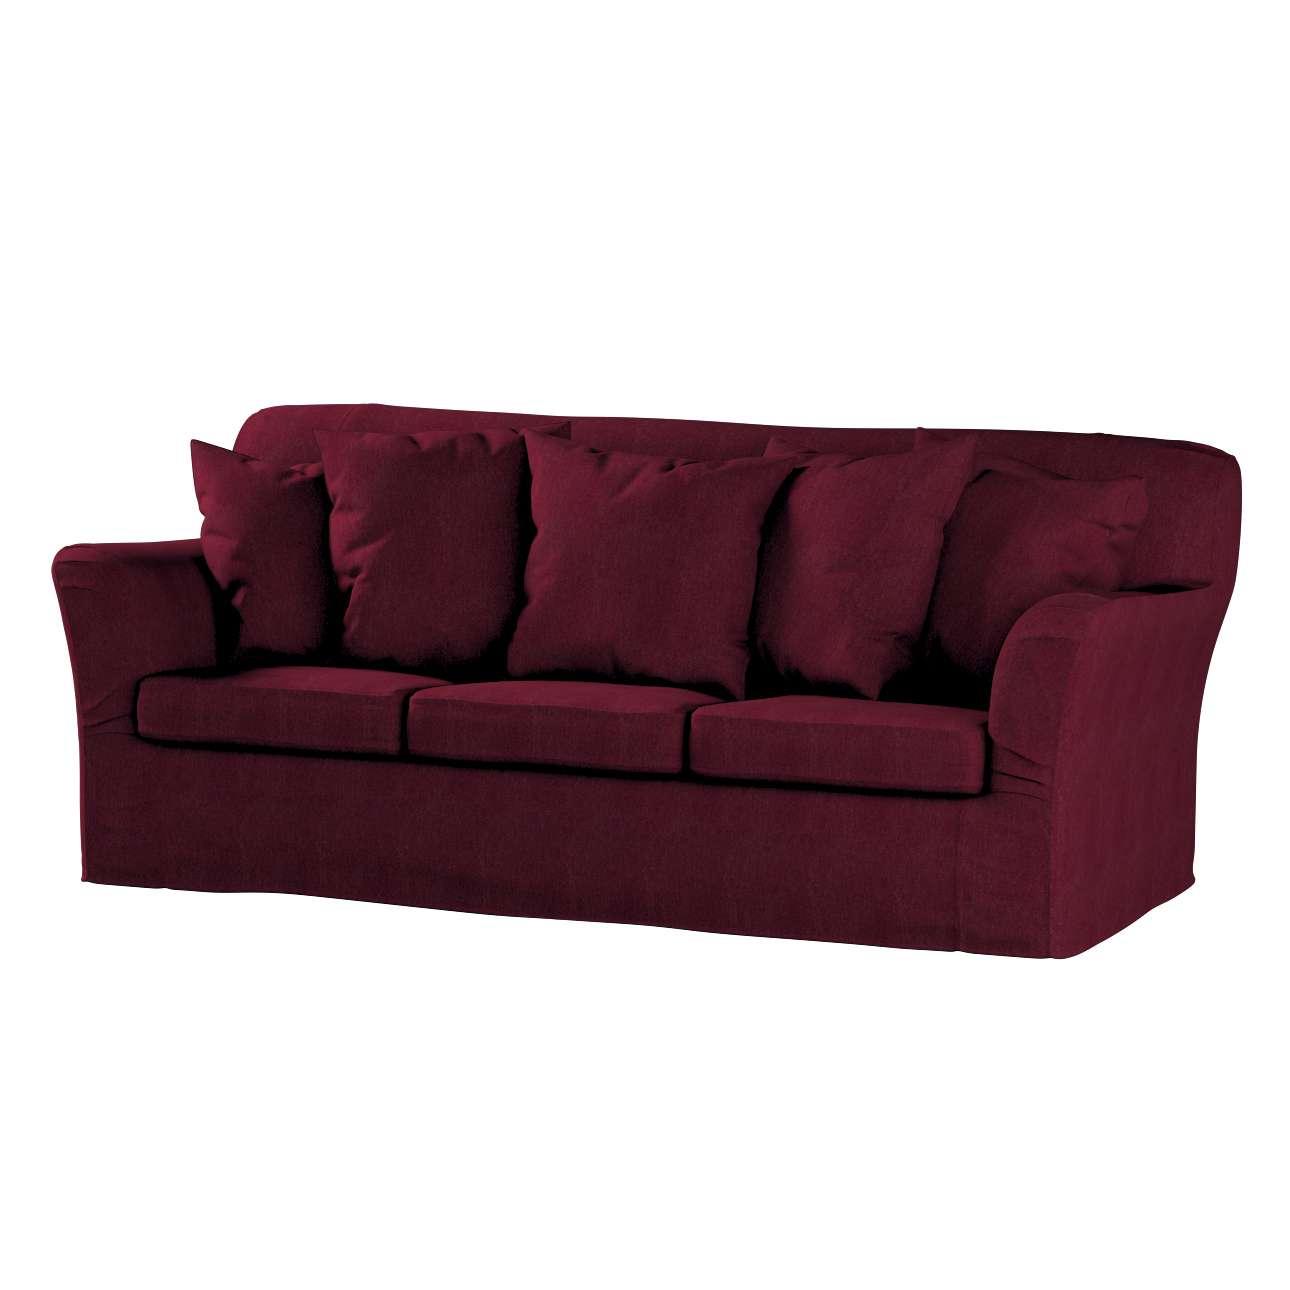 Tomelilla 3-Sitzer Sofabezug nicht ausklappbar Sofahusse, Tomelilla 3-Sitzer von der Kollektion Chenille , Stoff: 702-19